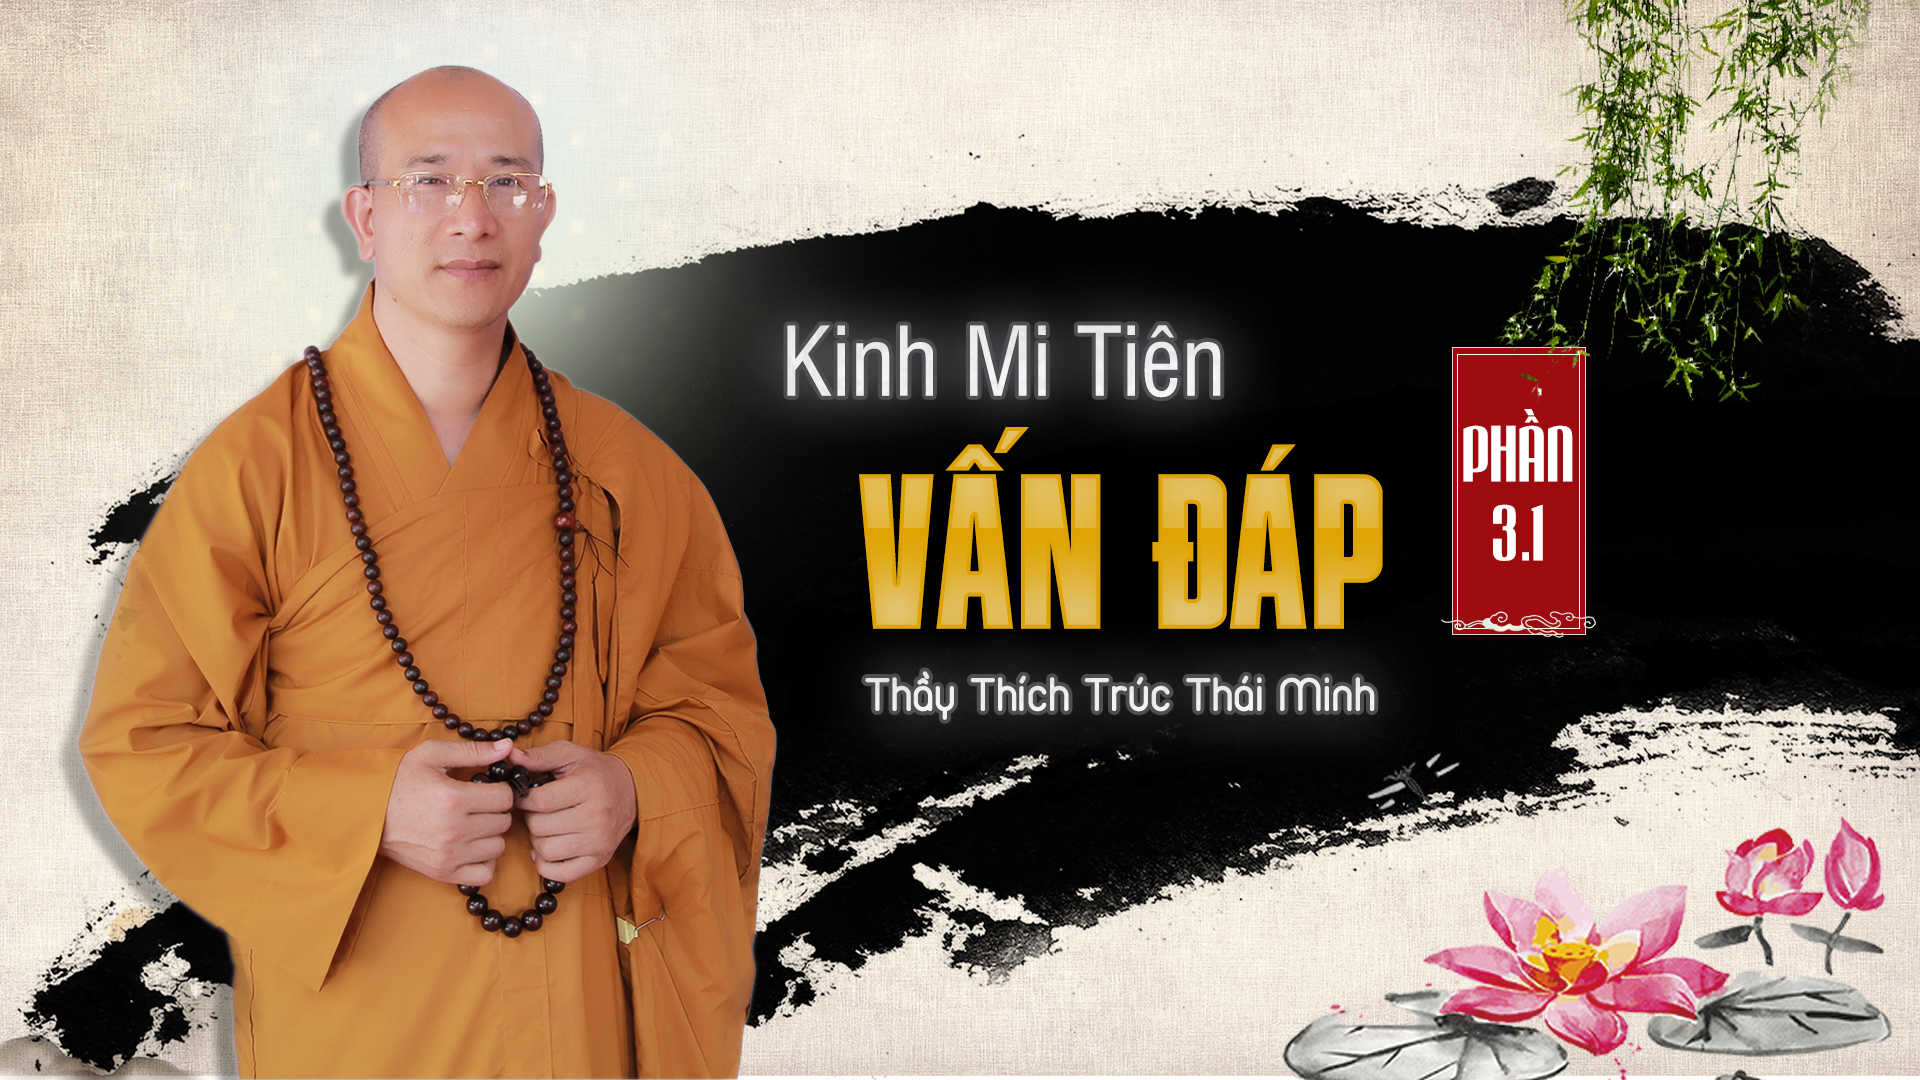 Kinh Mi Tiên vấn đáp phần 3.1 Thầy Thích Trúc Thái Minh chùa Ba Vàng.